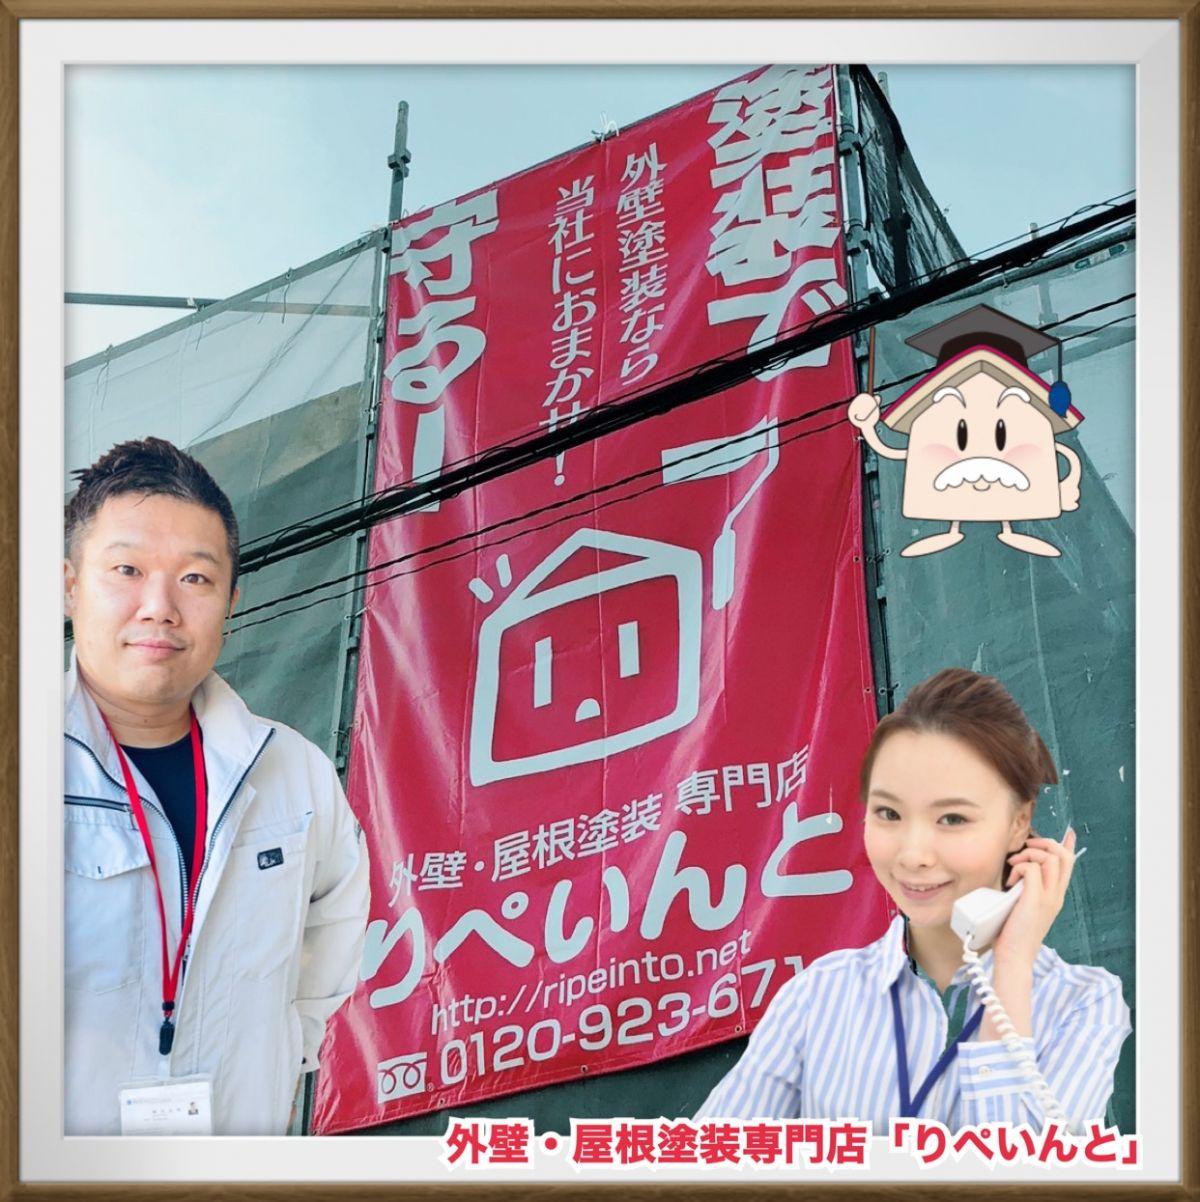 jirei_image54655